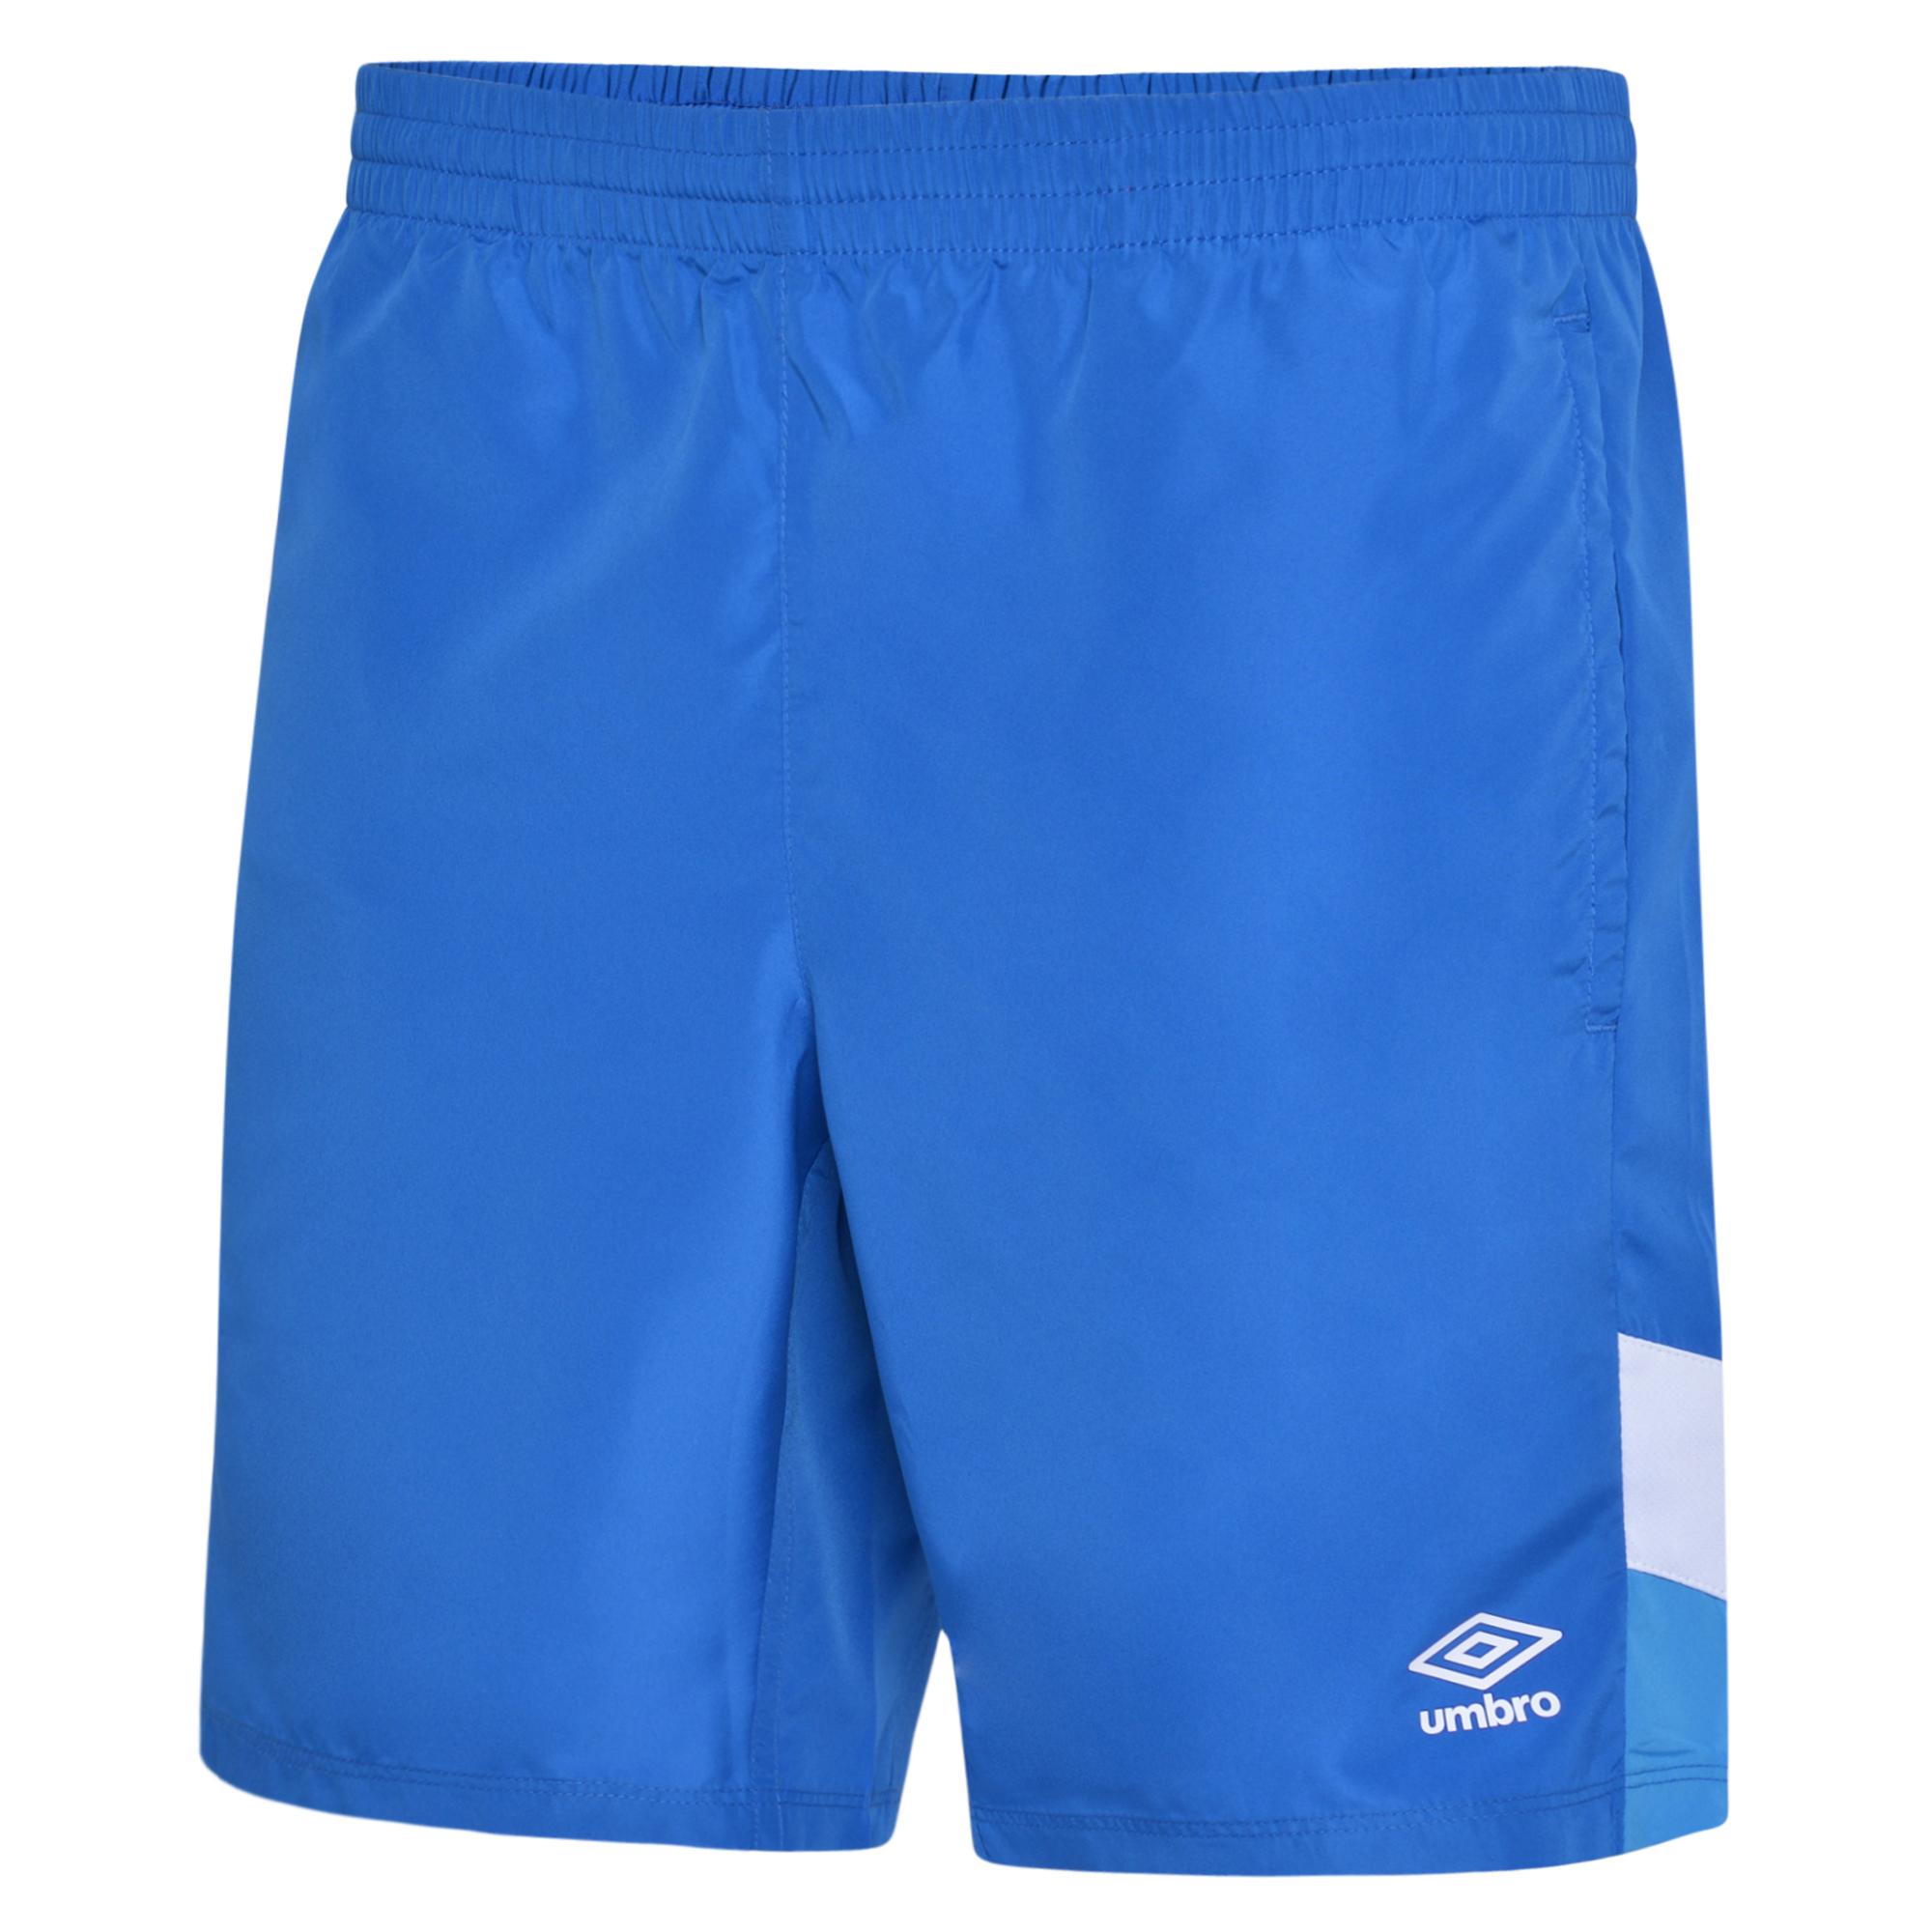 umbro training shorts